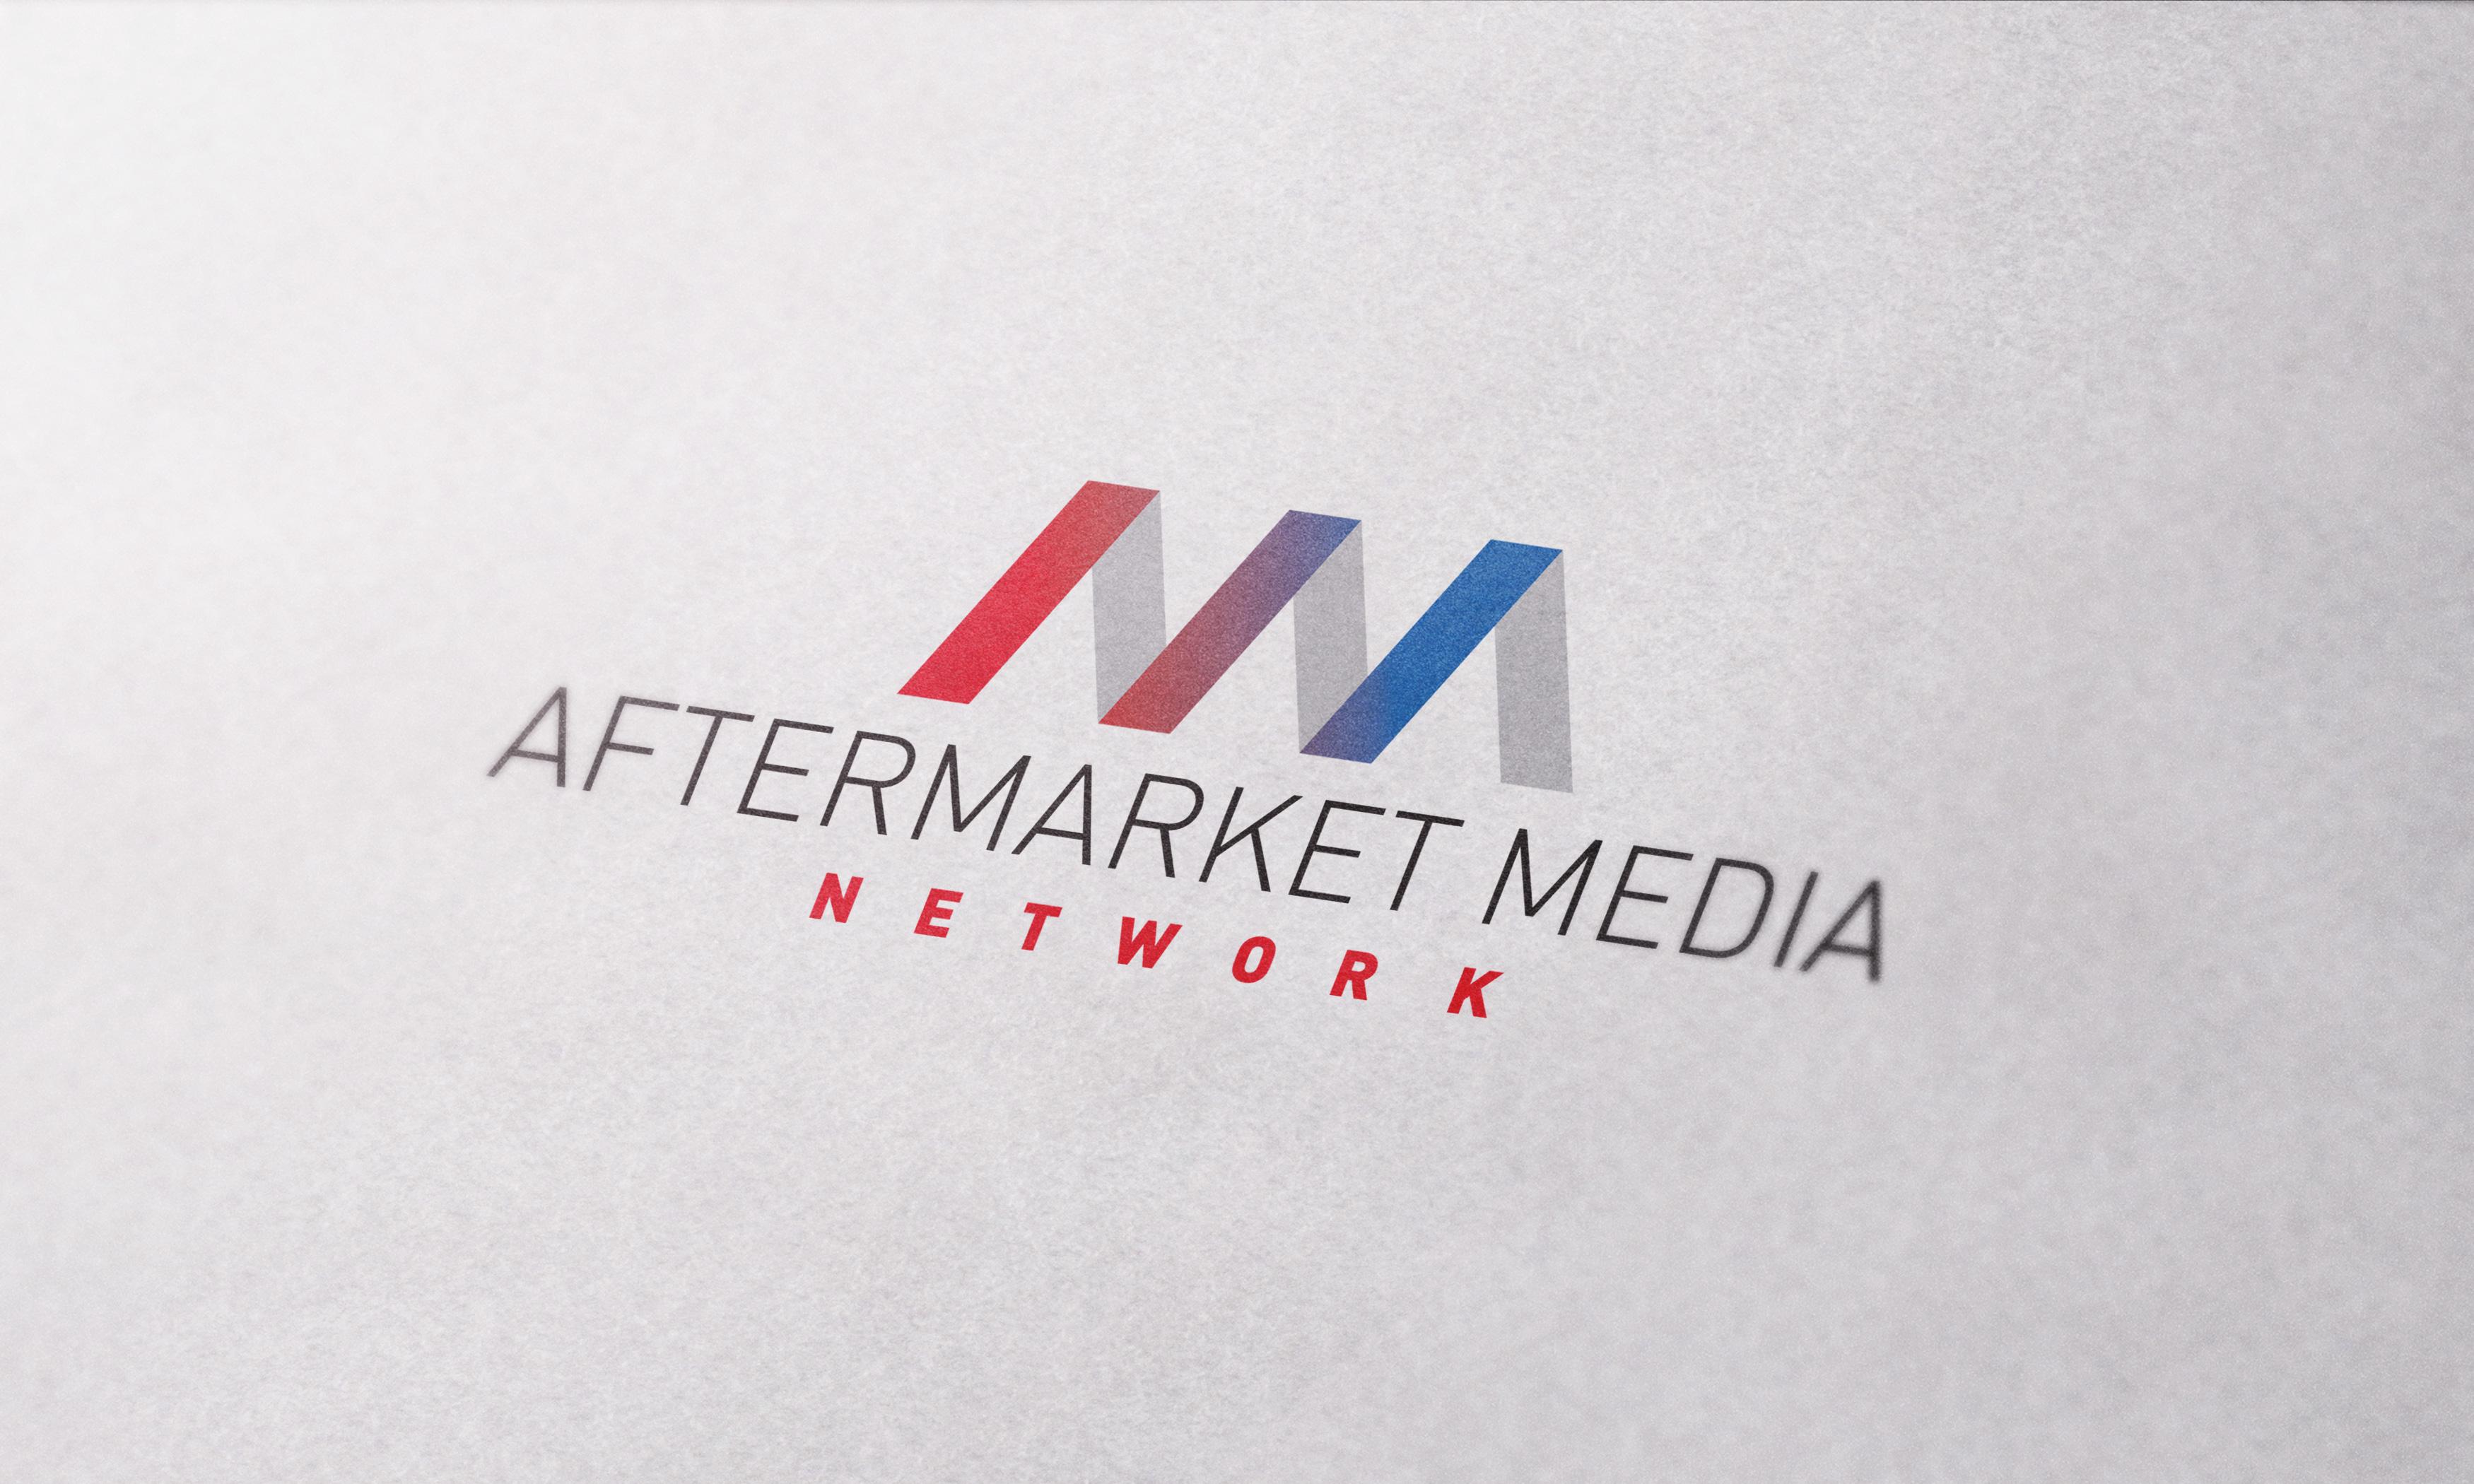 Dotis - Aftermarket Media Network: logo design